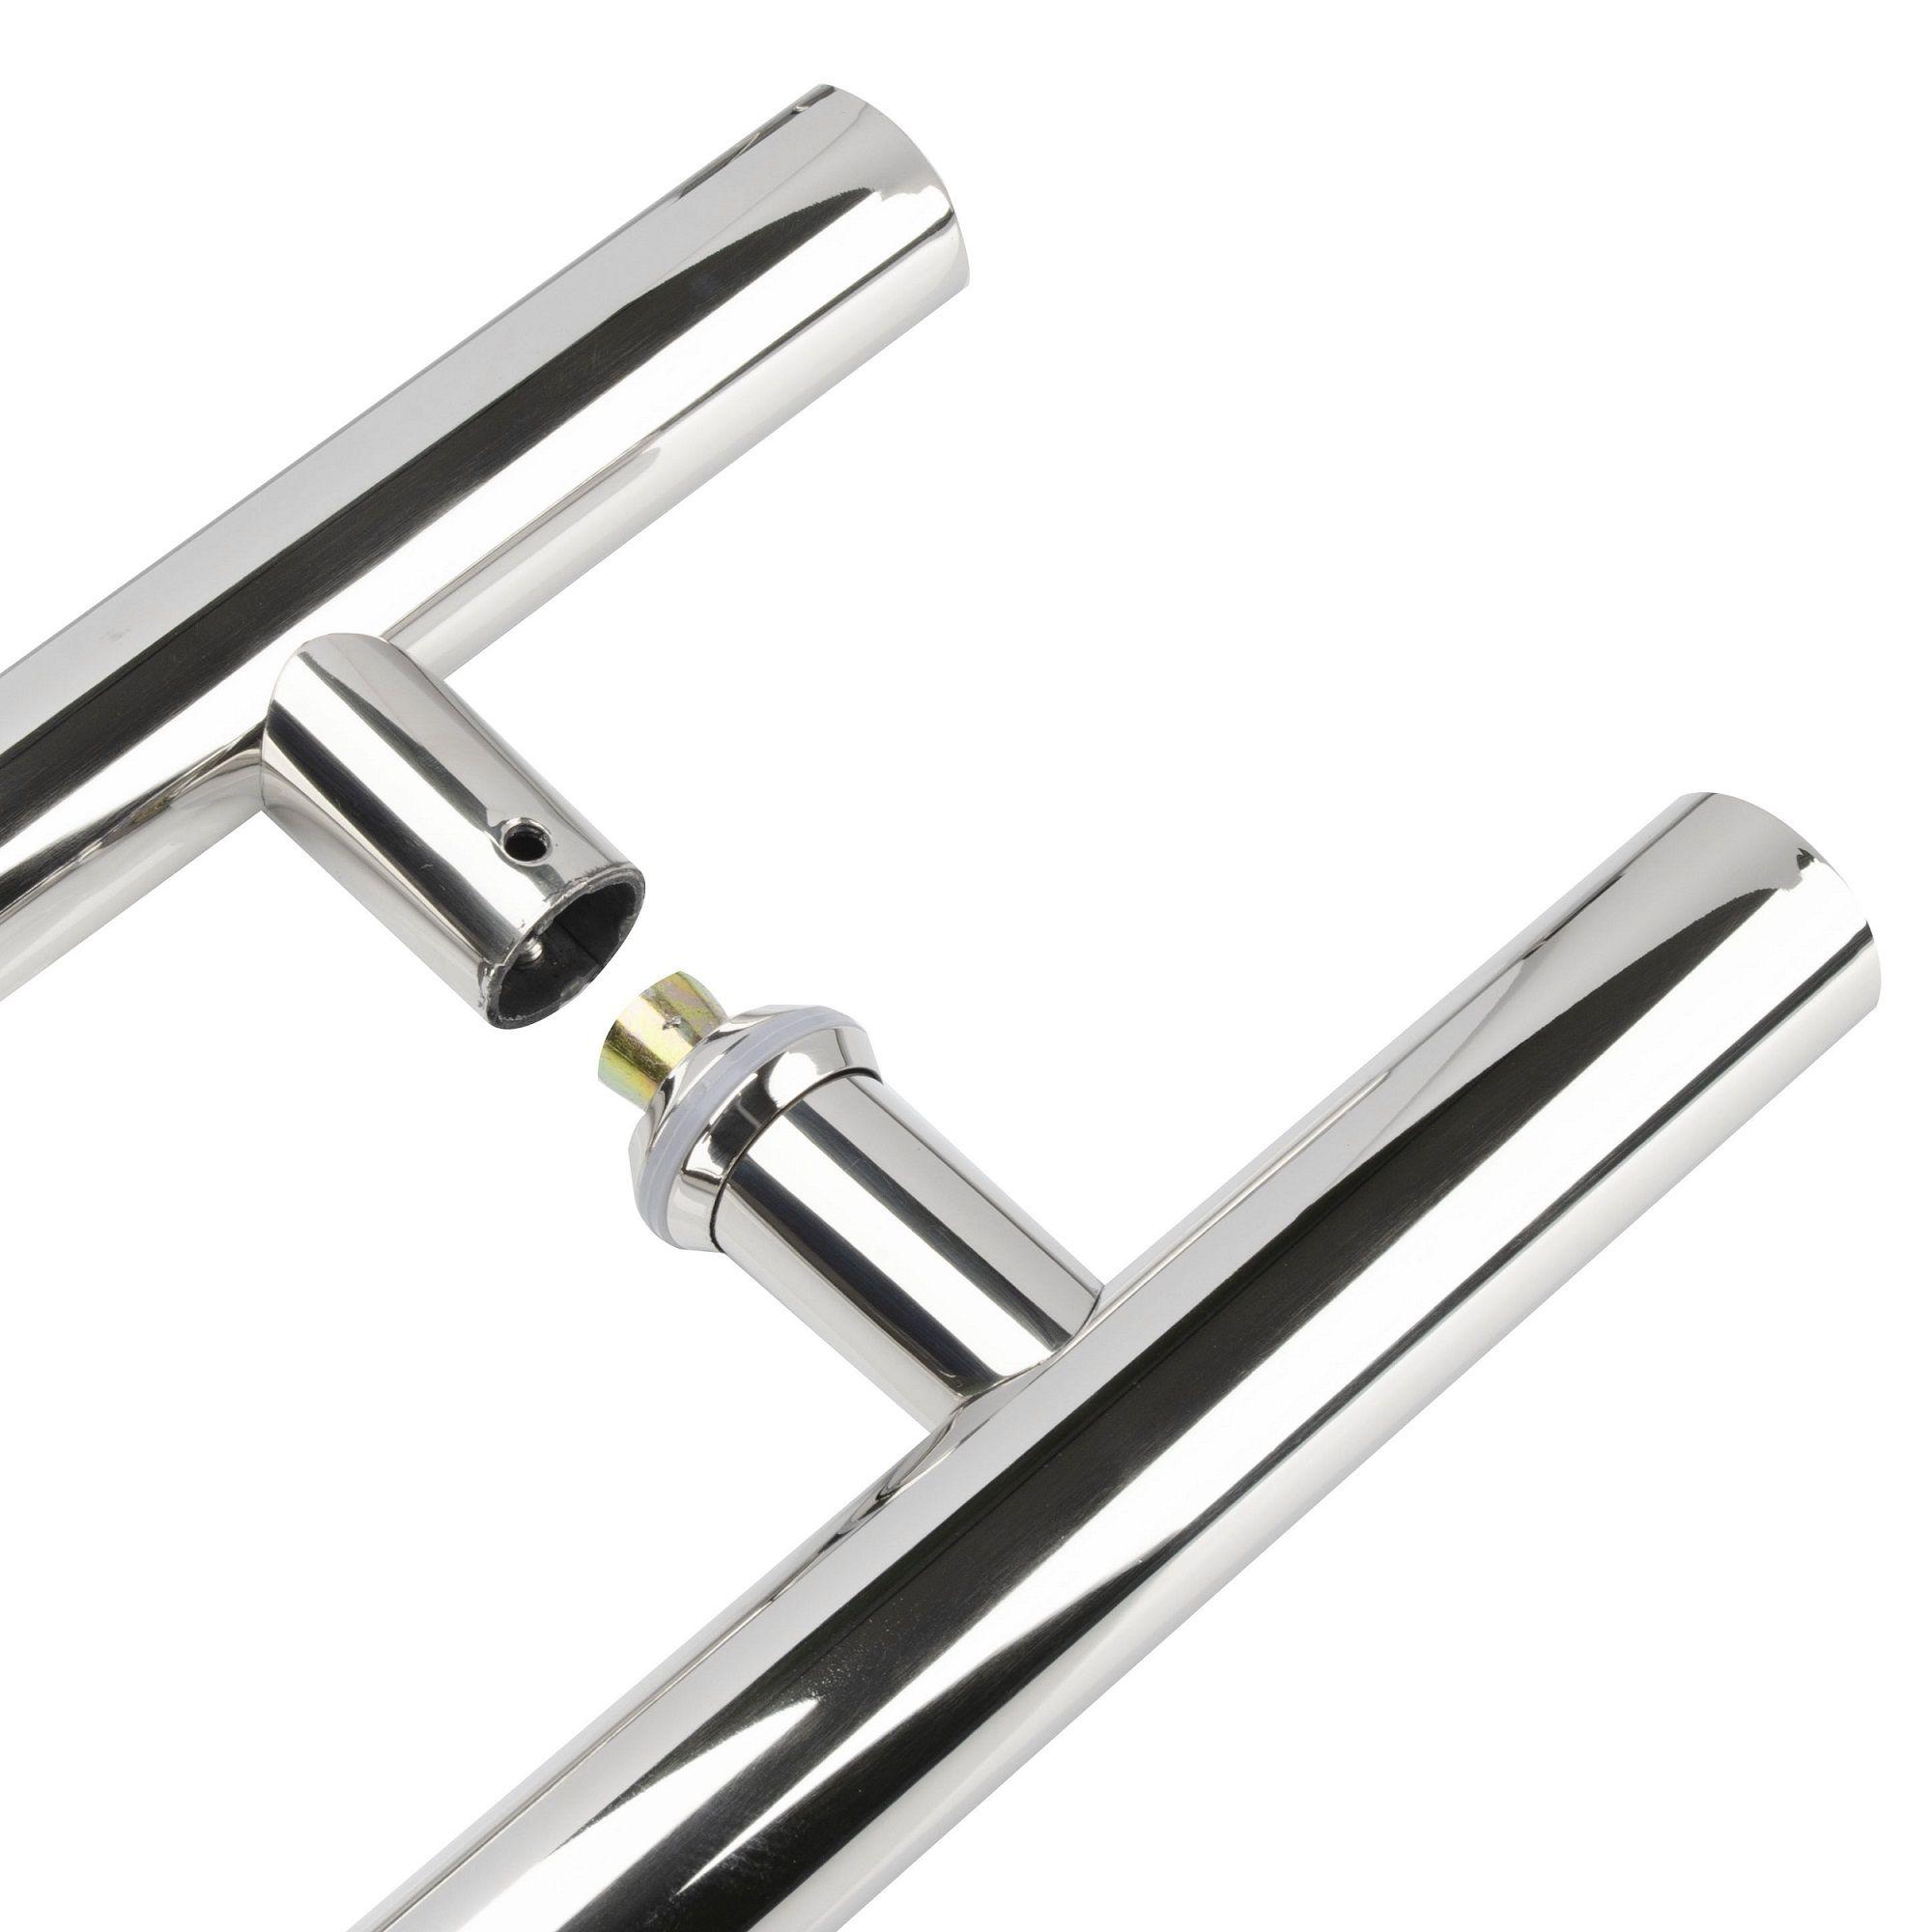 Puxador inox para porta madeira e vidro tubular redondo 40x60cm H05